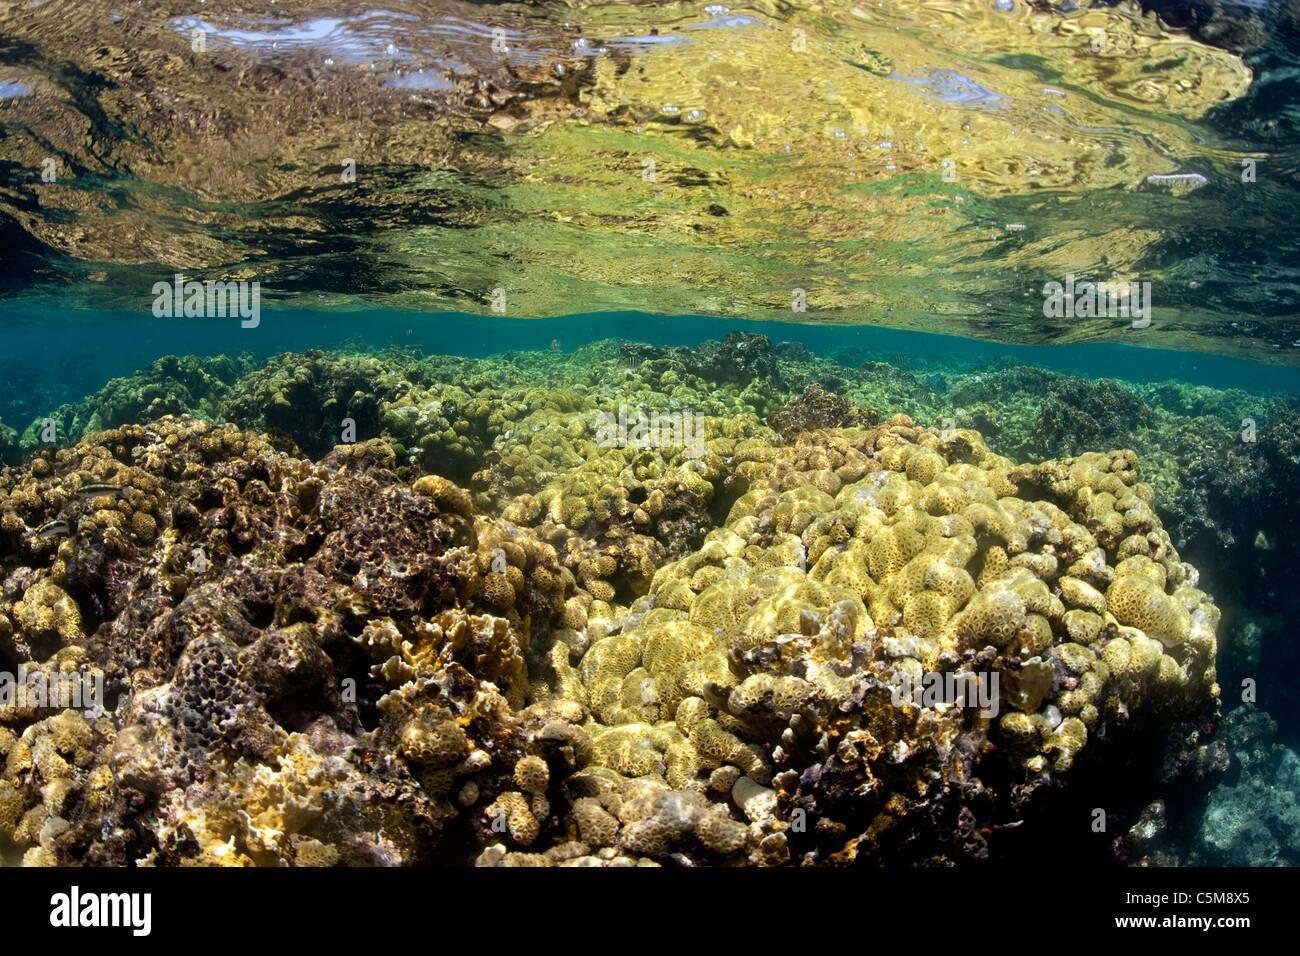 Un arrecife de coral en la superficie plana del océano en las Islas del Cisne, un grupo de islas apartadas Imagen De Stock